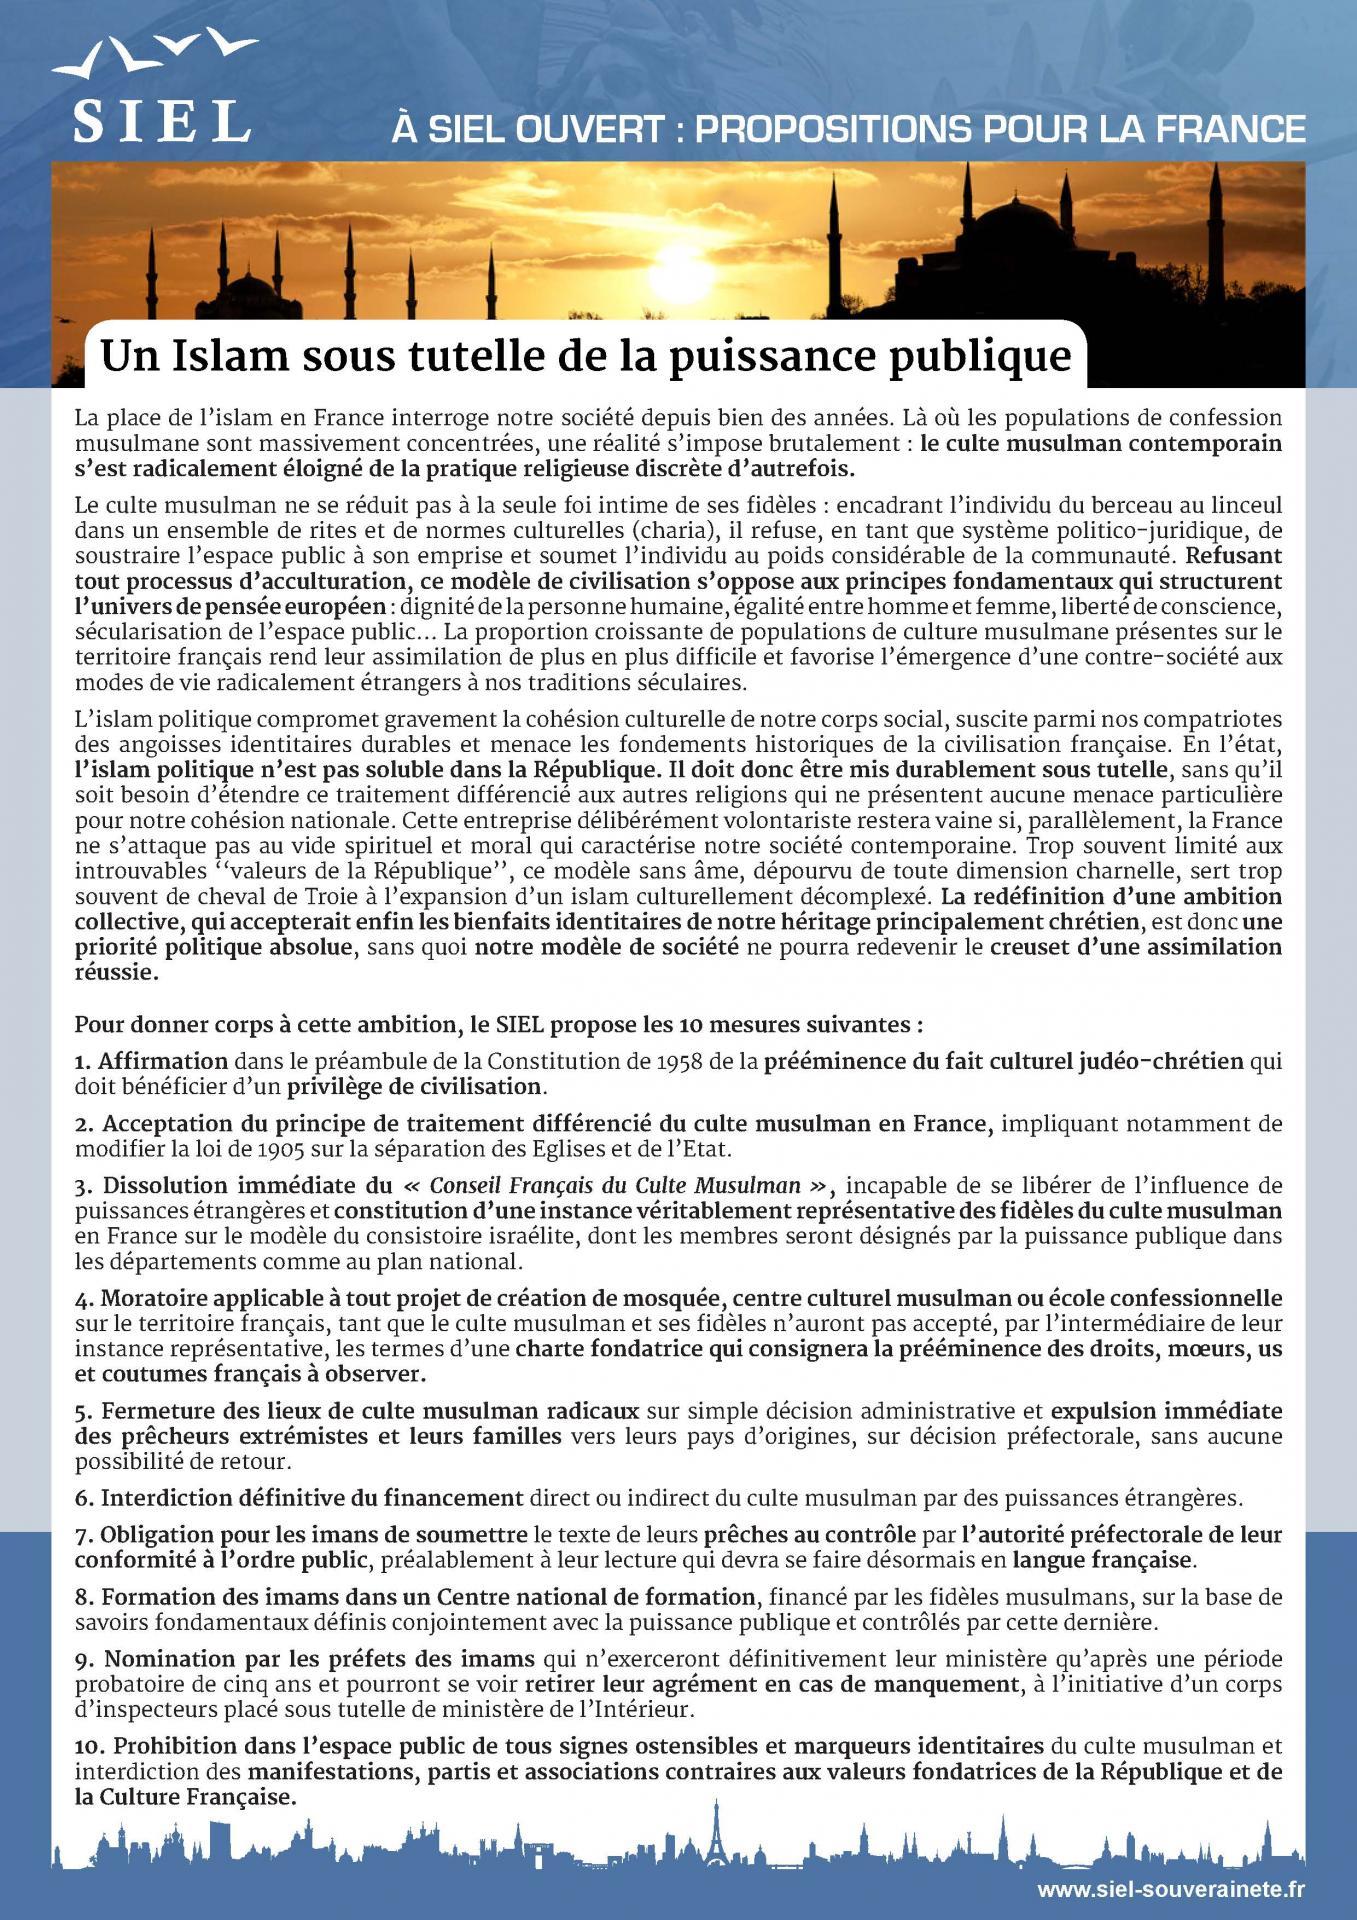 Un islam sous tutelle de la puissance publique